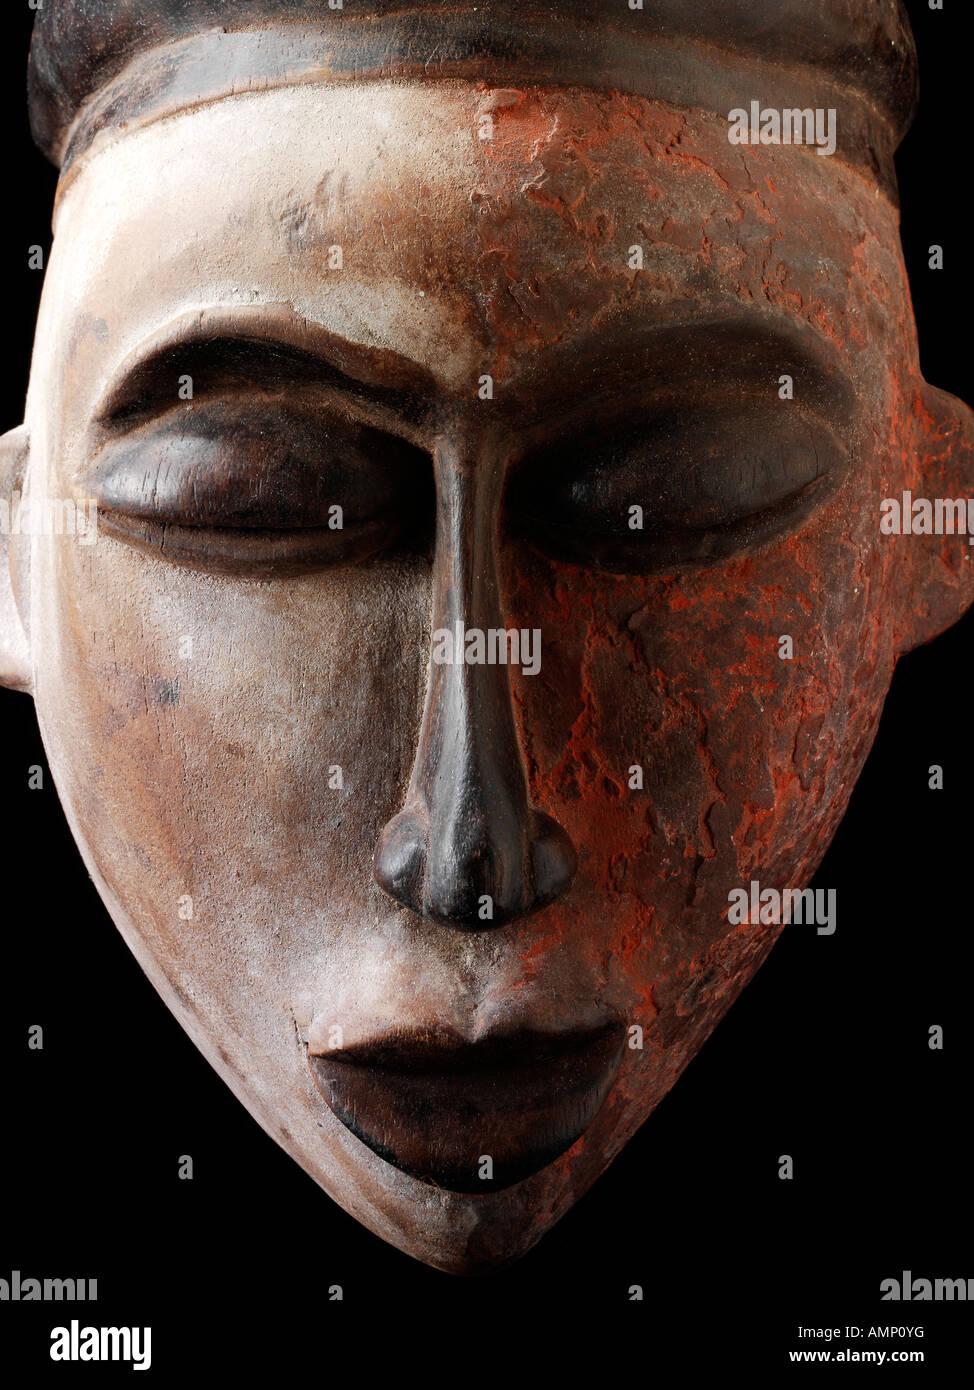 Etnica africana tradizionale maschera. Arte e artigianato. Immagini Stock